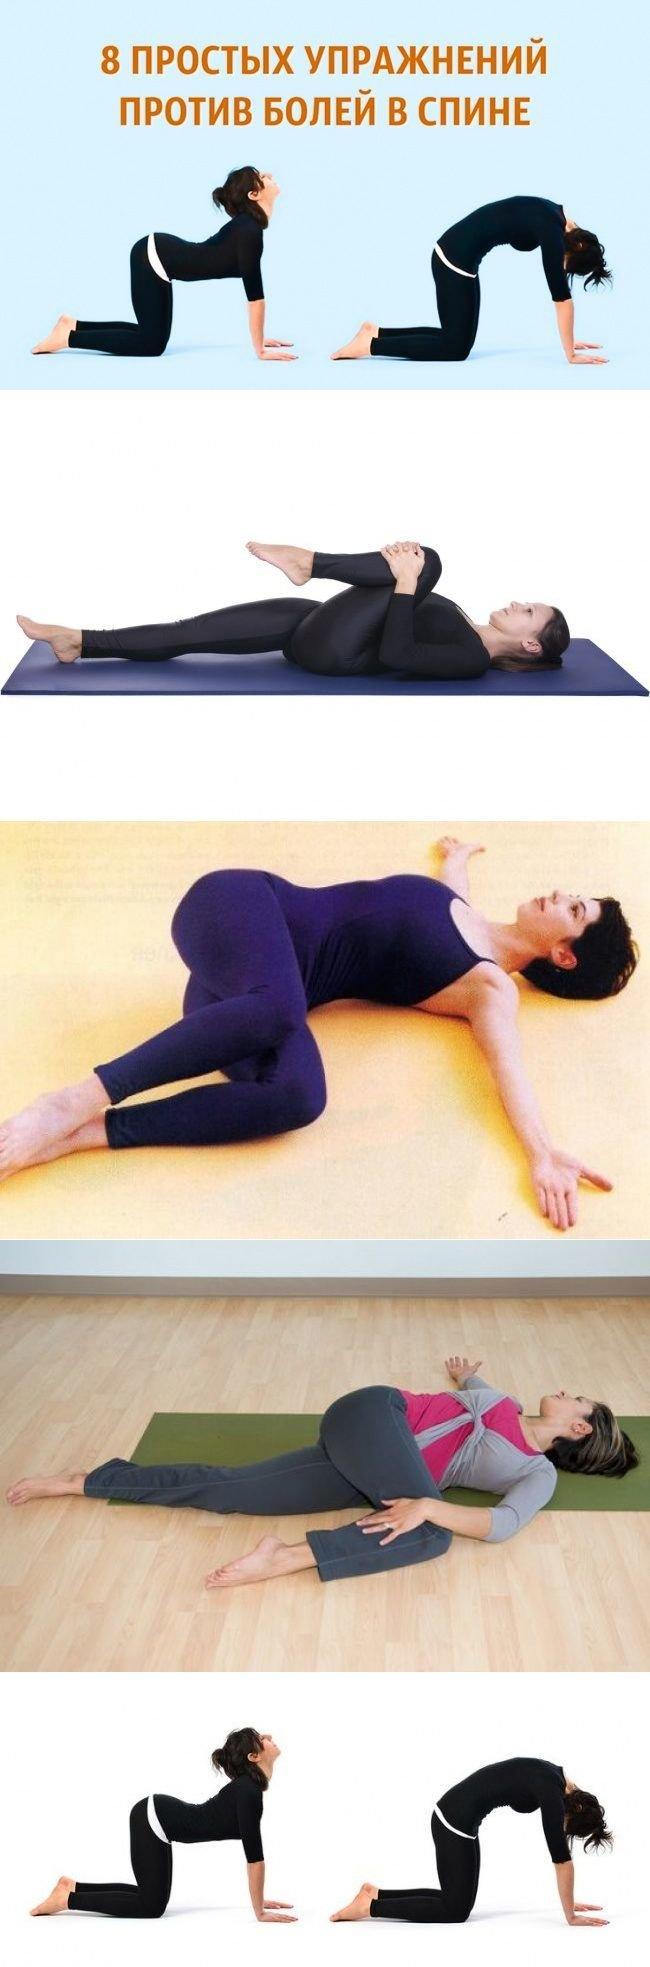 Вместо массажа, таблеток и мазей: 8 эффективных расслабляющих упражнений от боли в спине